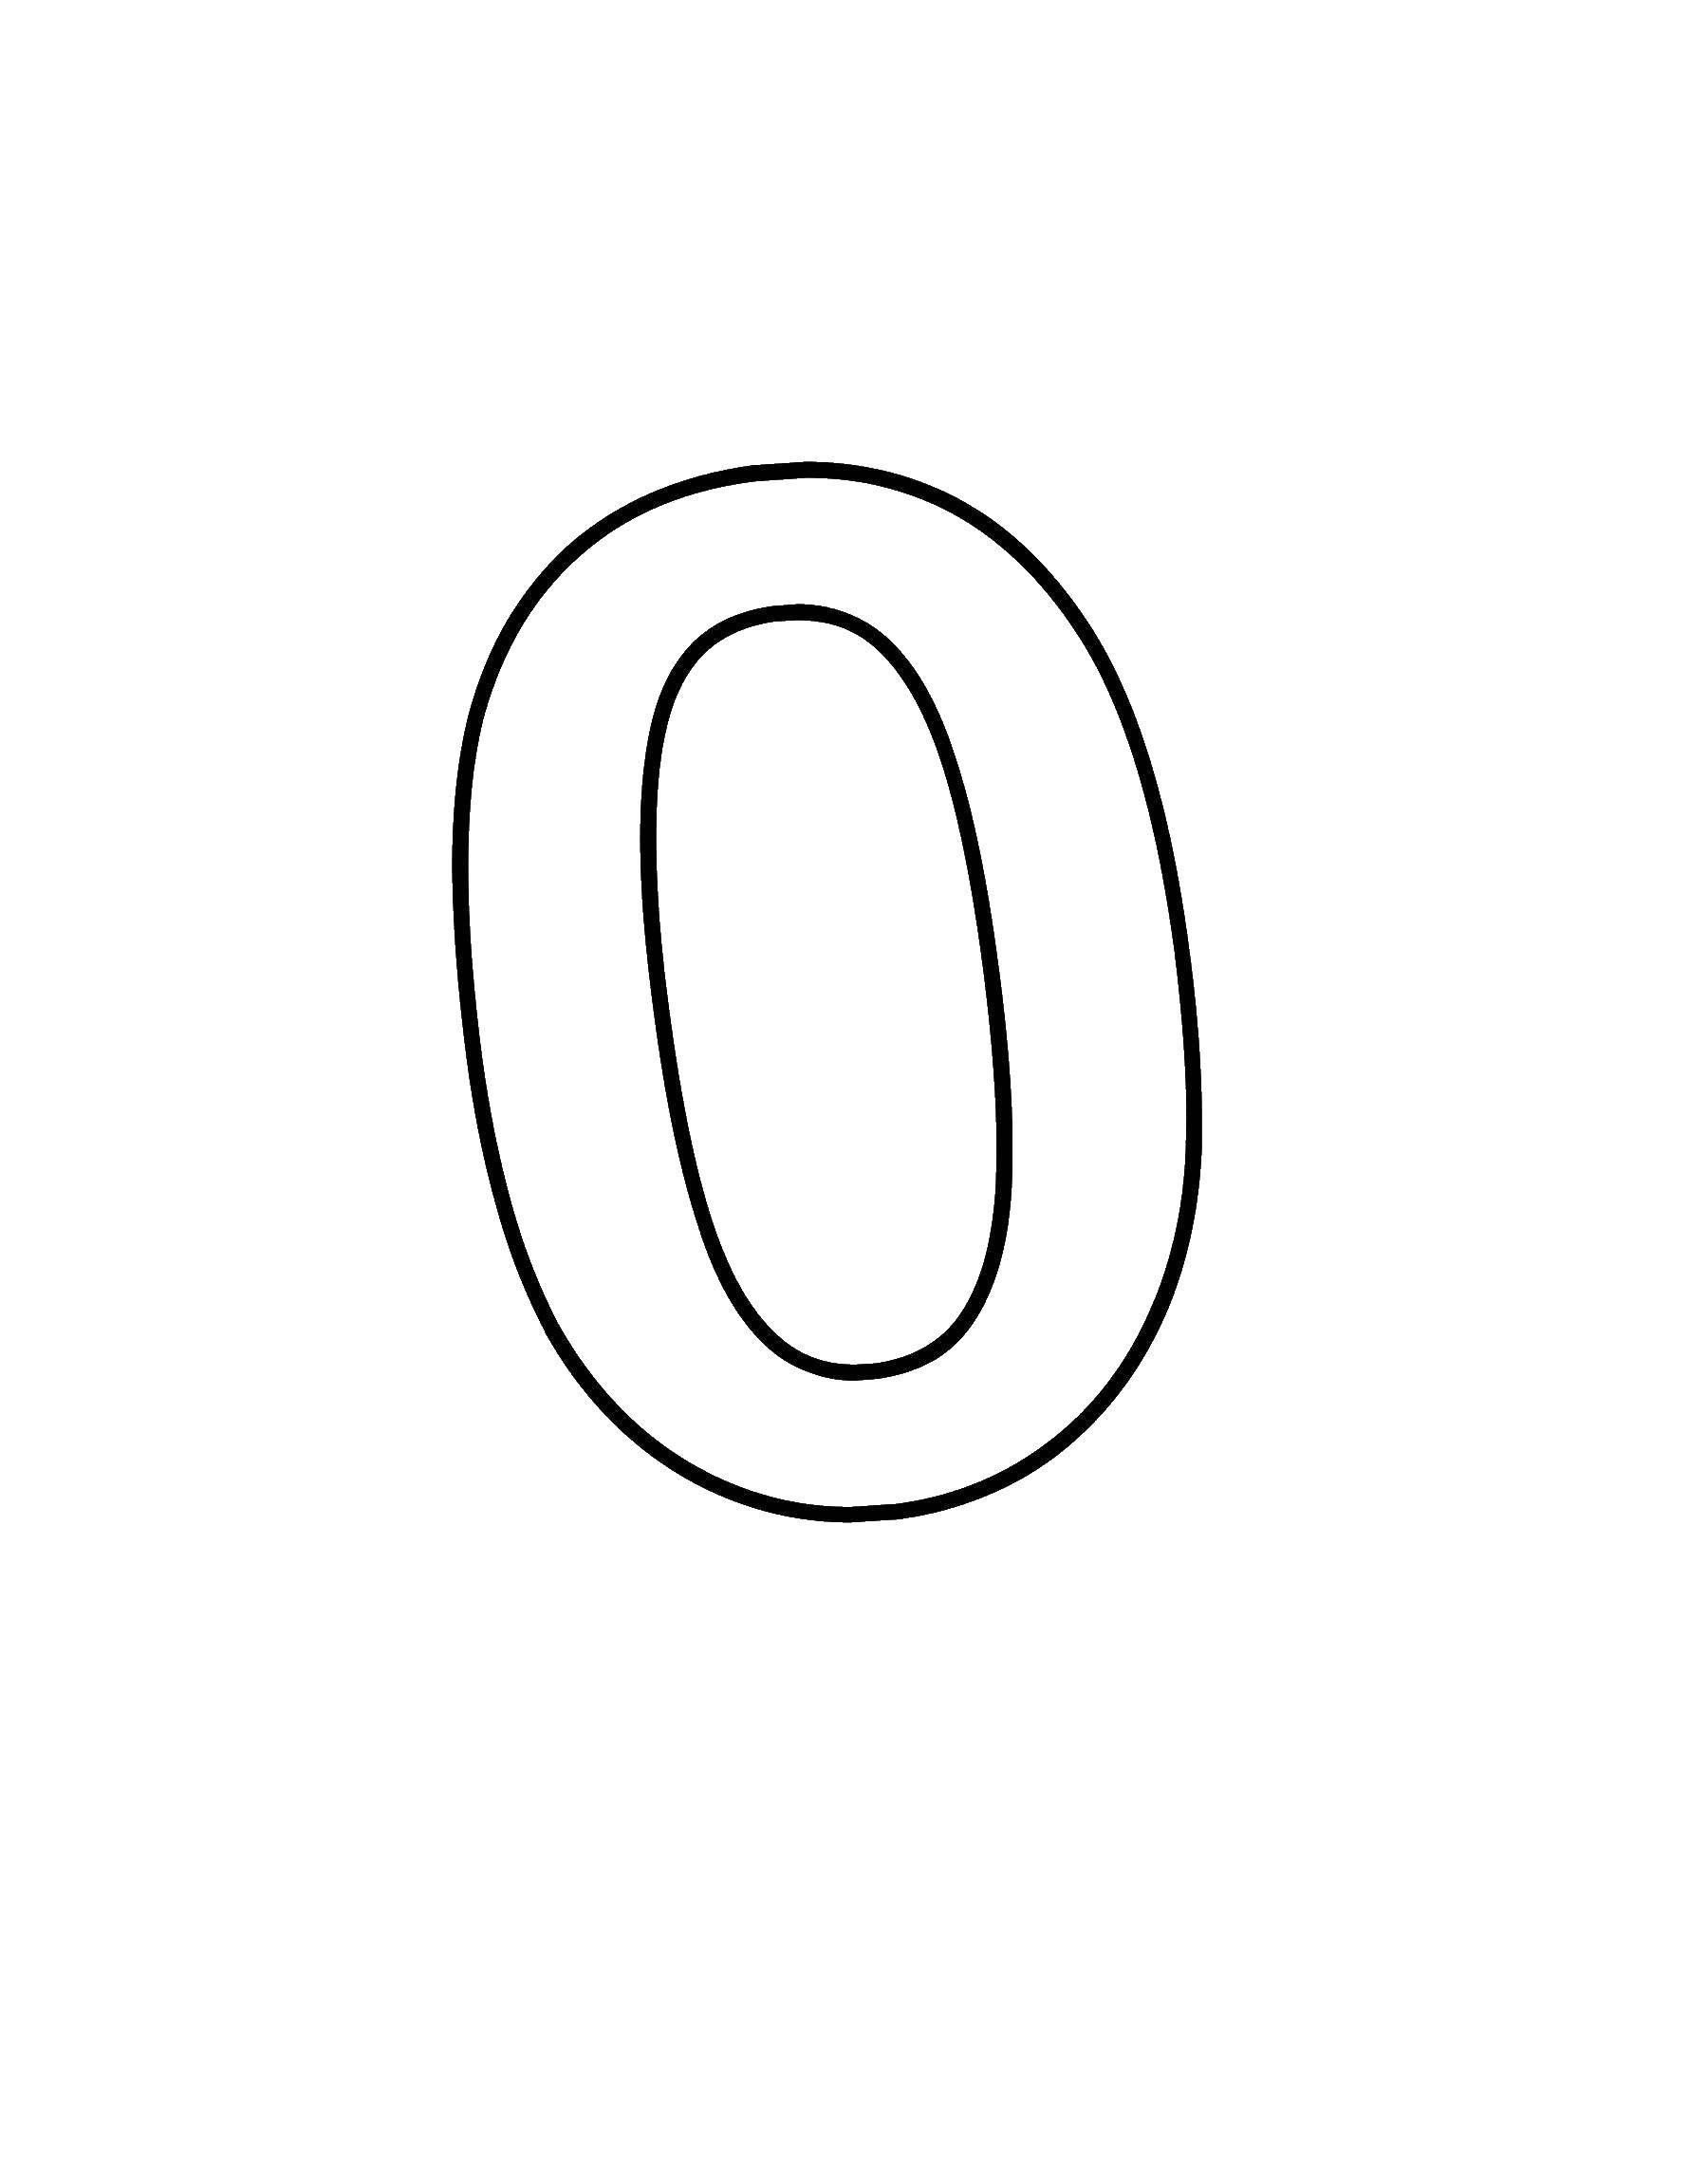 цифра ноль распечатать картинки